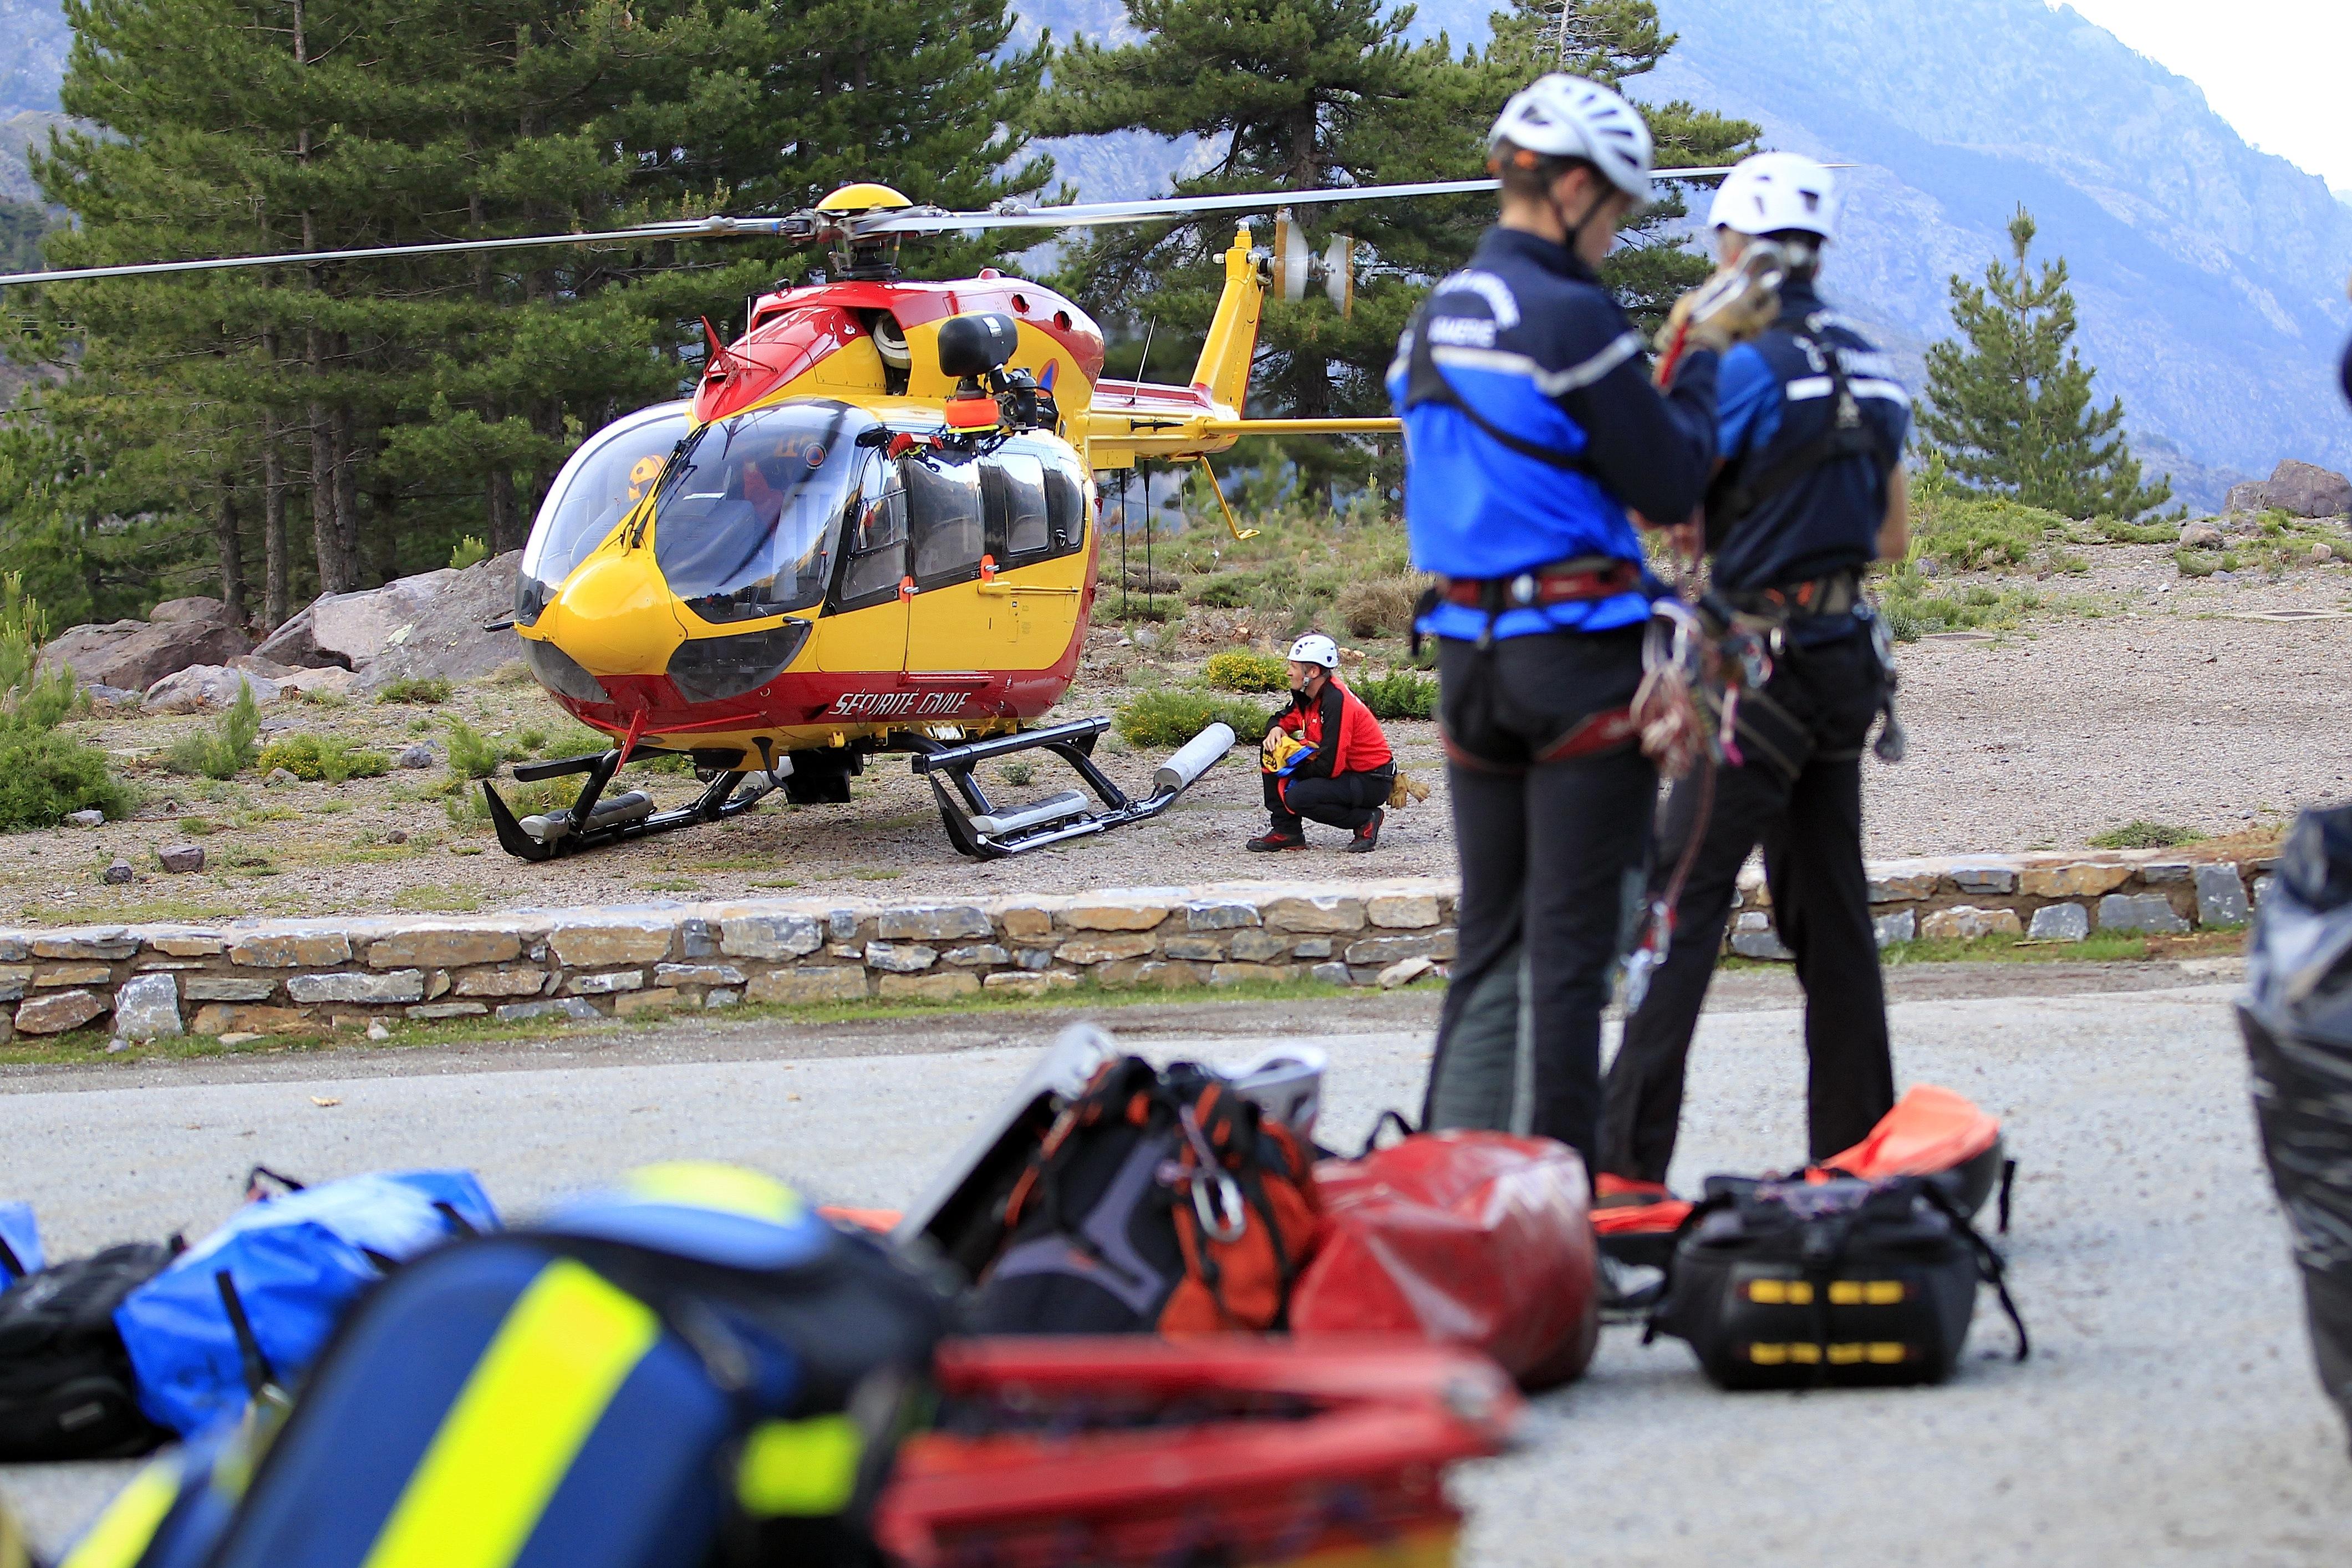 PASCAL POCHARD CASABIANCA / AFP